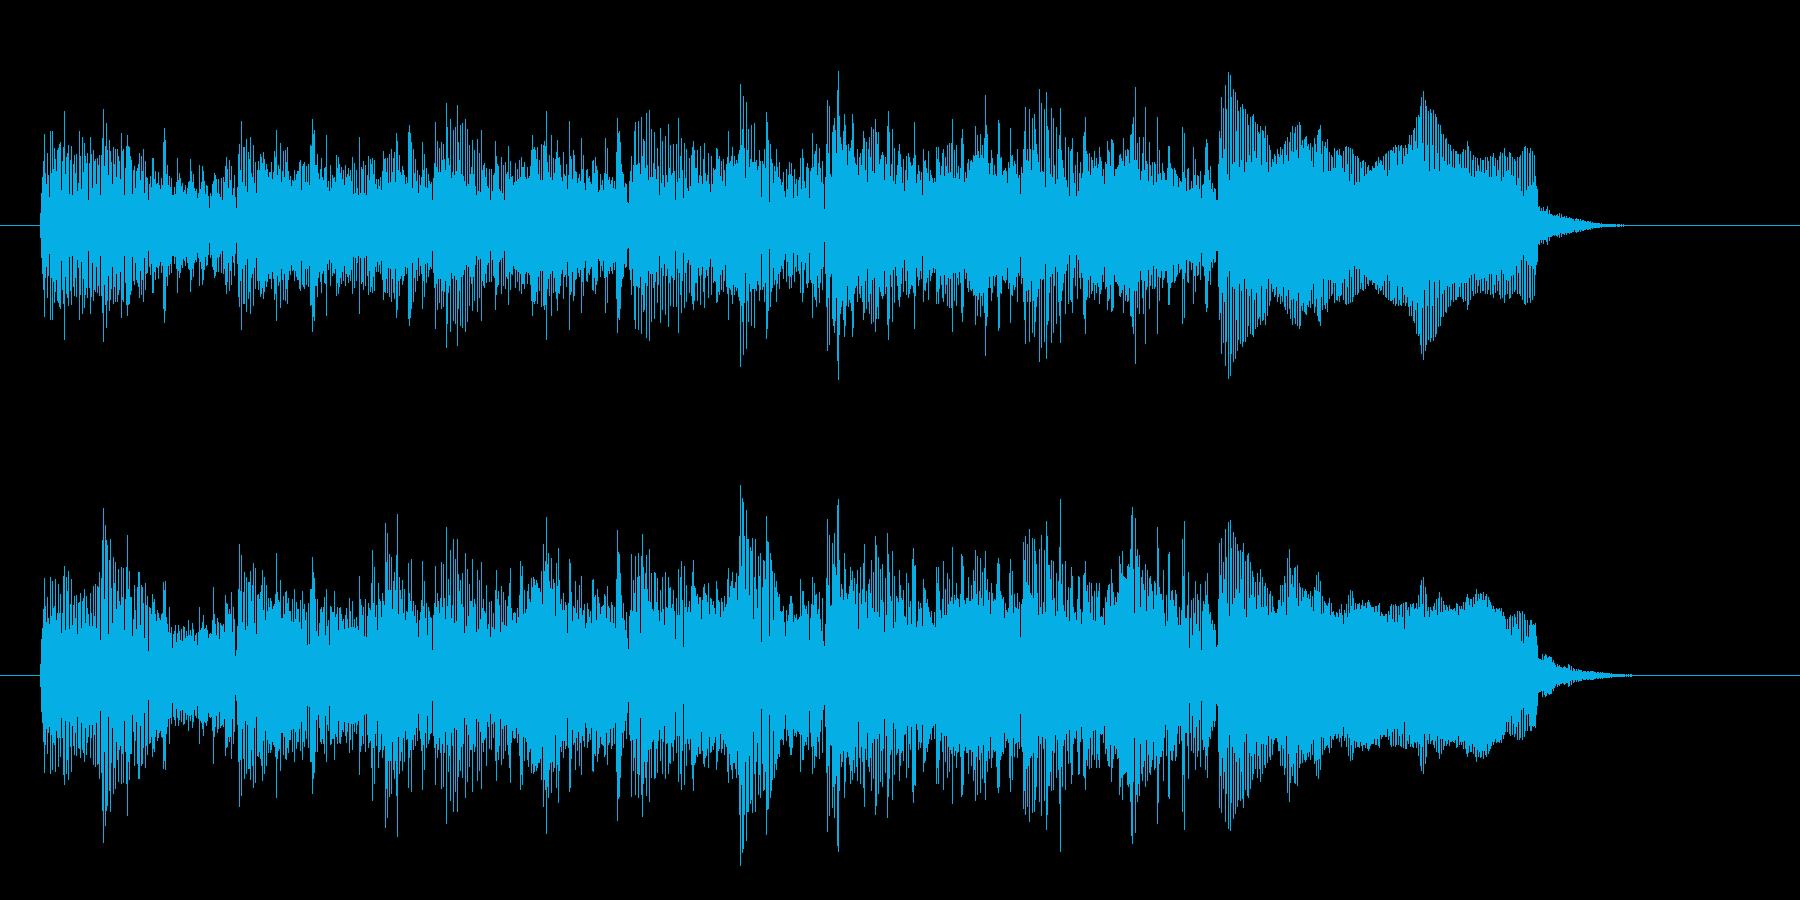 シンセサイザーのカッコいいメロディーの再生済みの波形